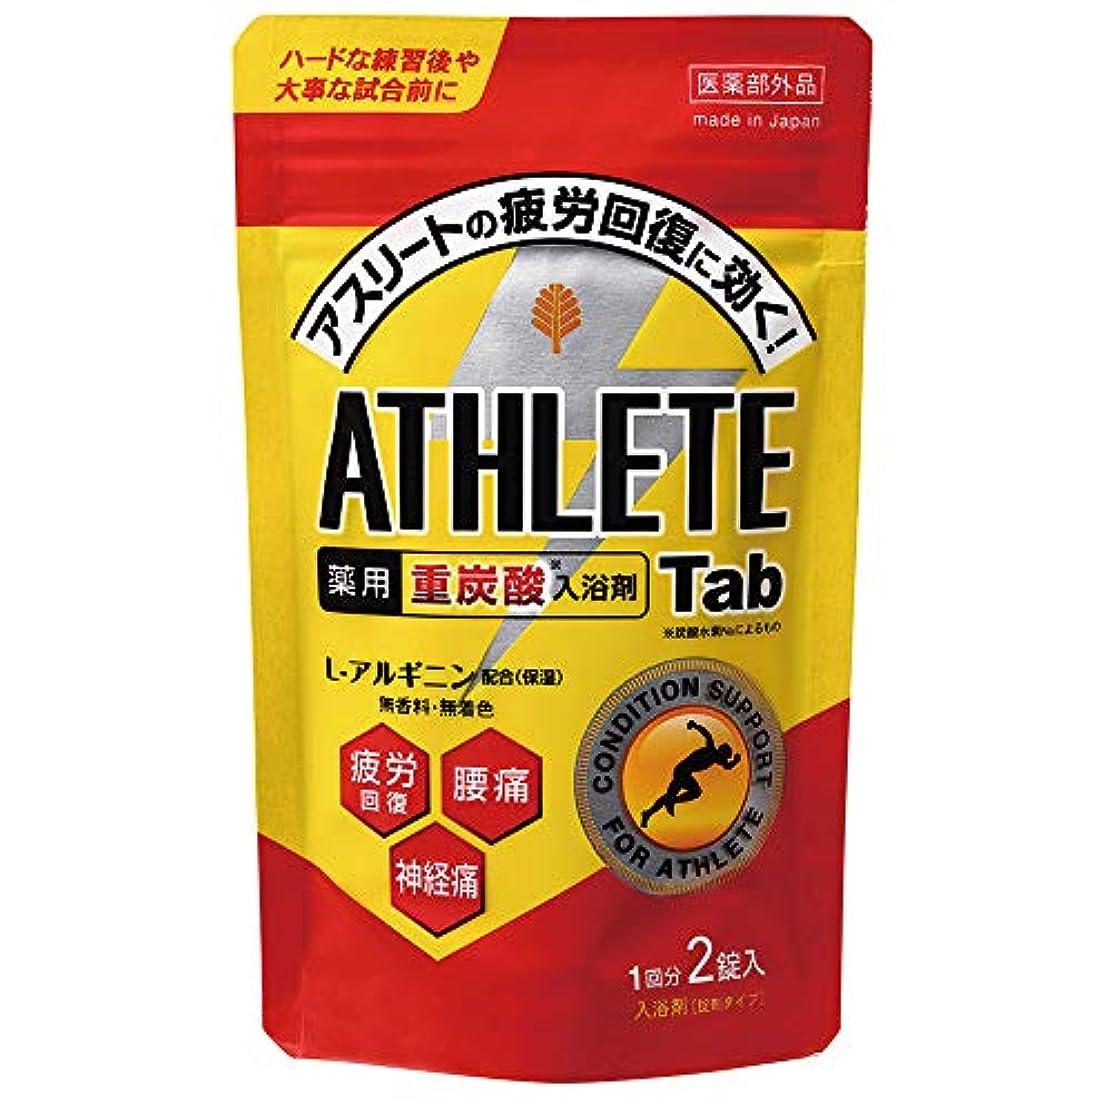 被るミットドラフト日本製 made in japan 薬用 ATHLETE Tab2錠x1パック BT-8572 【まとめ買い12個セット】